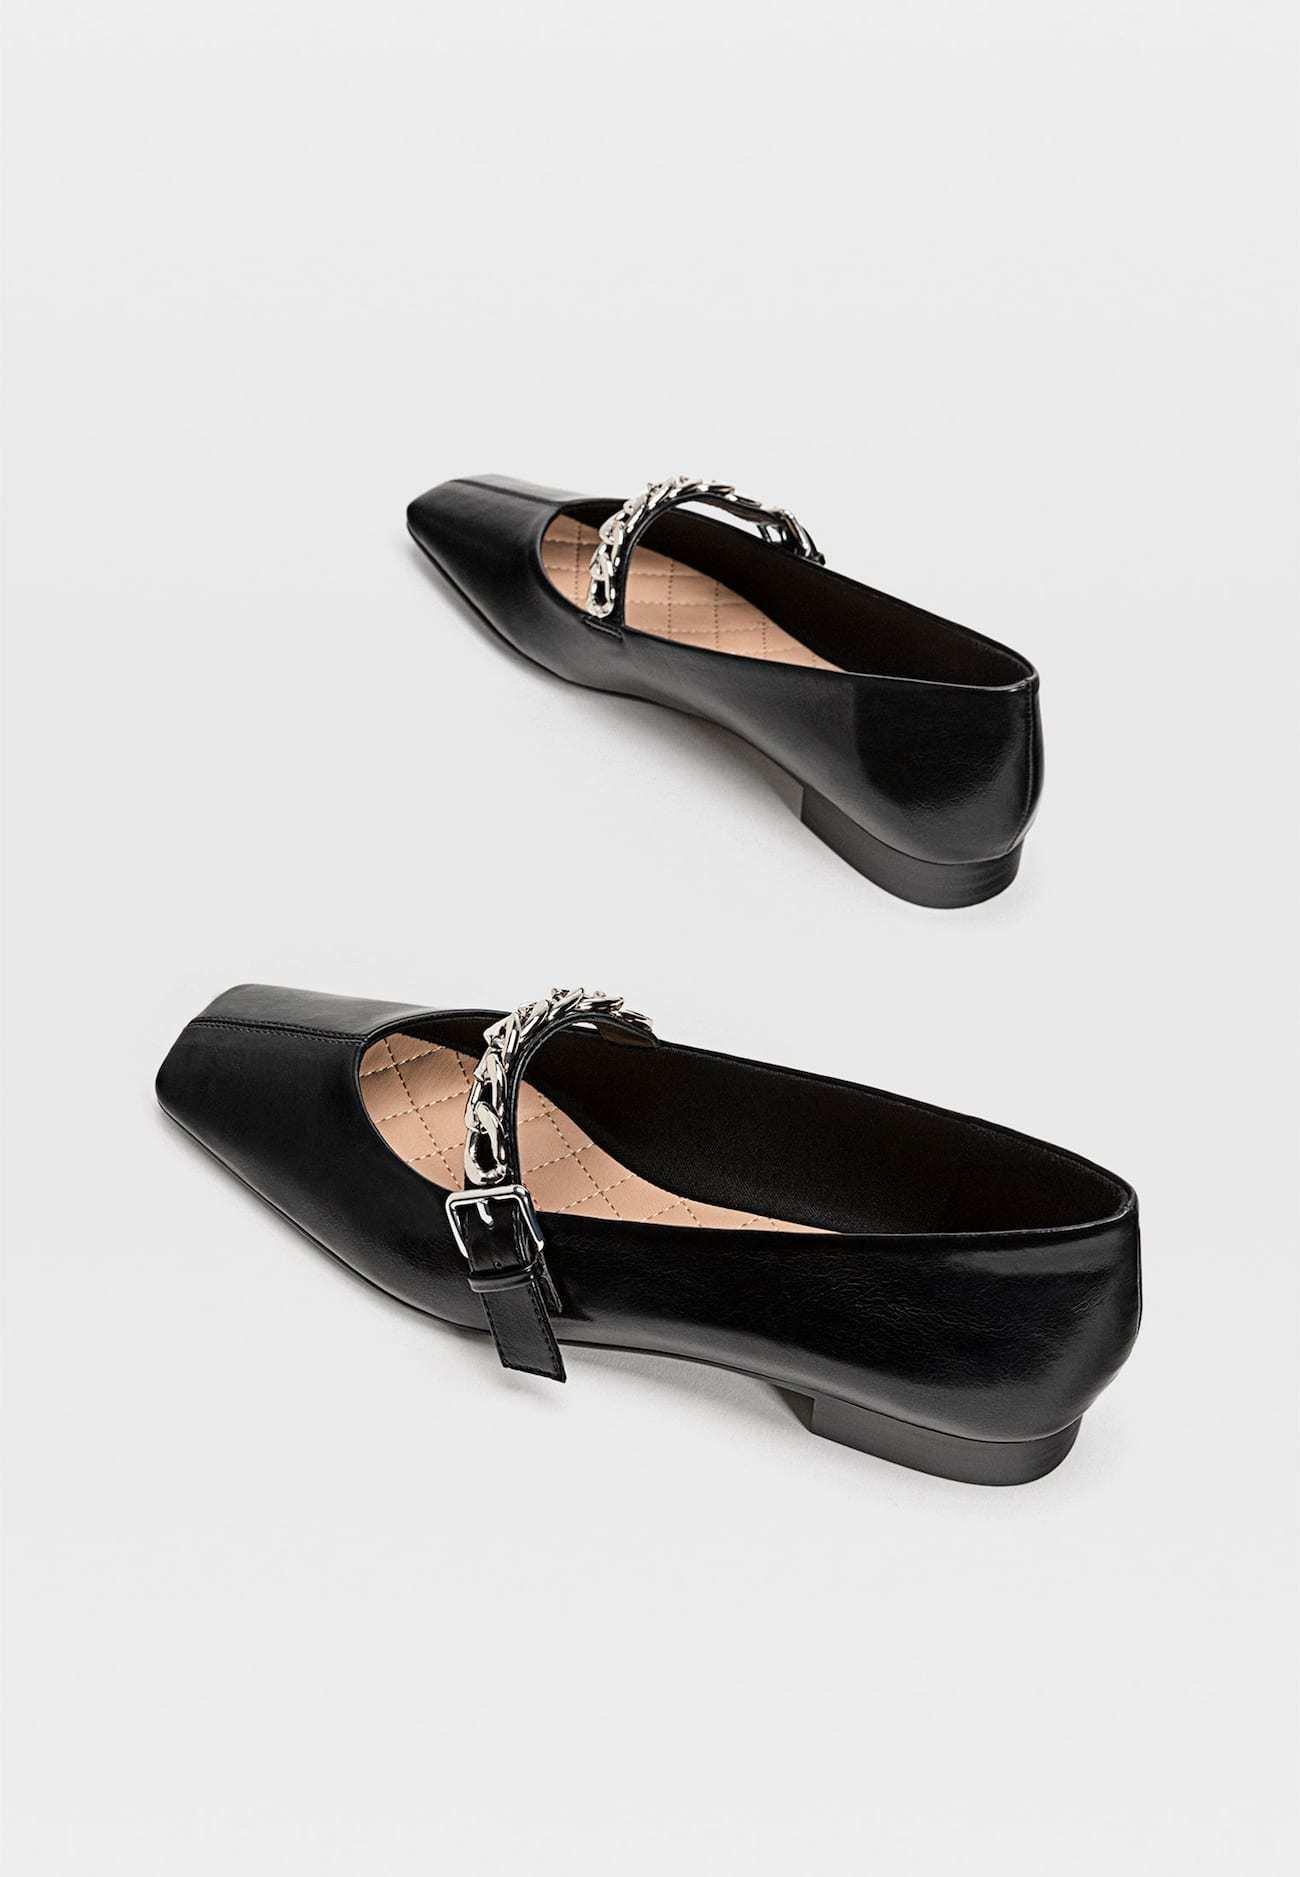 Stradivarius Loafers - Black